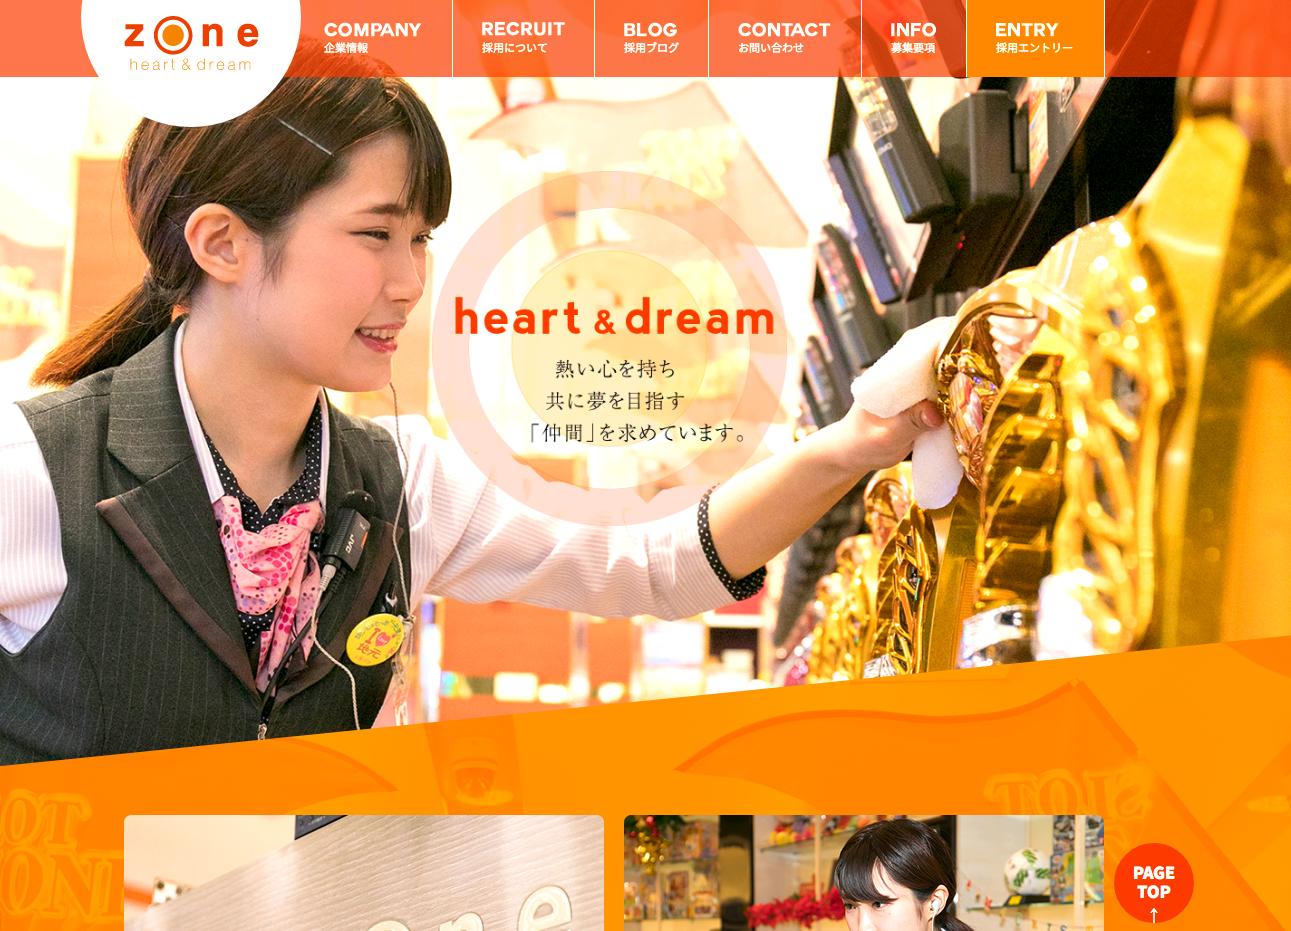 株式会社ZONE 採用サイト